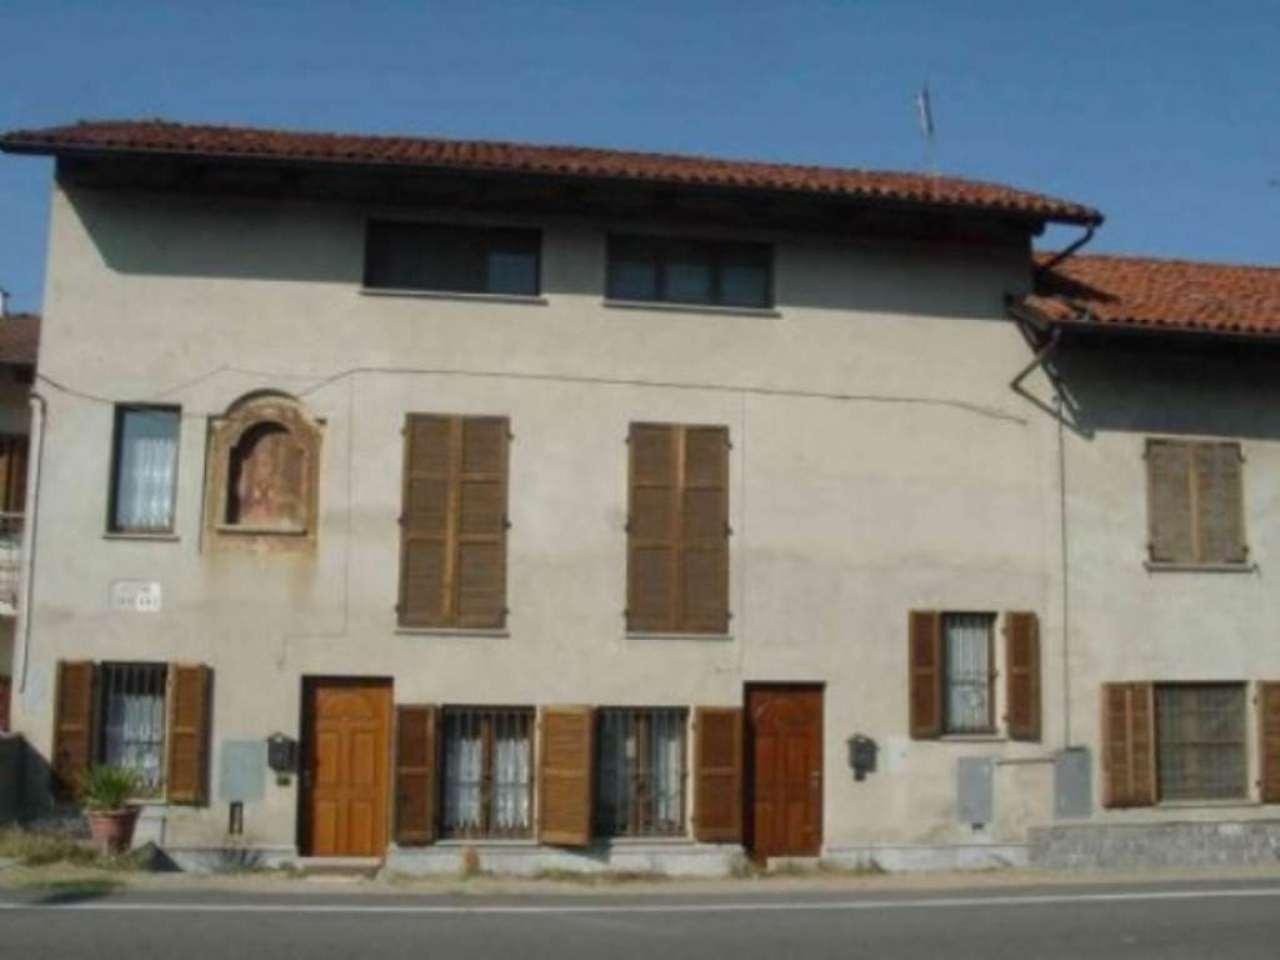 Rustico / Casale in vendita a Villafranca d'Asti, 4 locali, prezzo € 150.000 | Cambio Casa.it